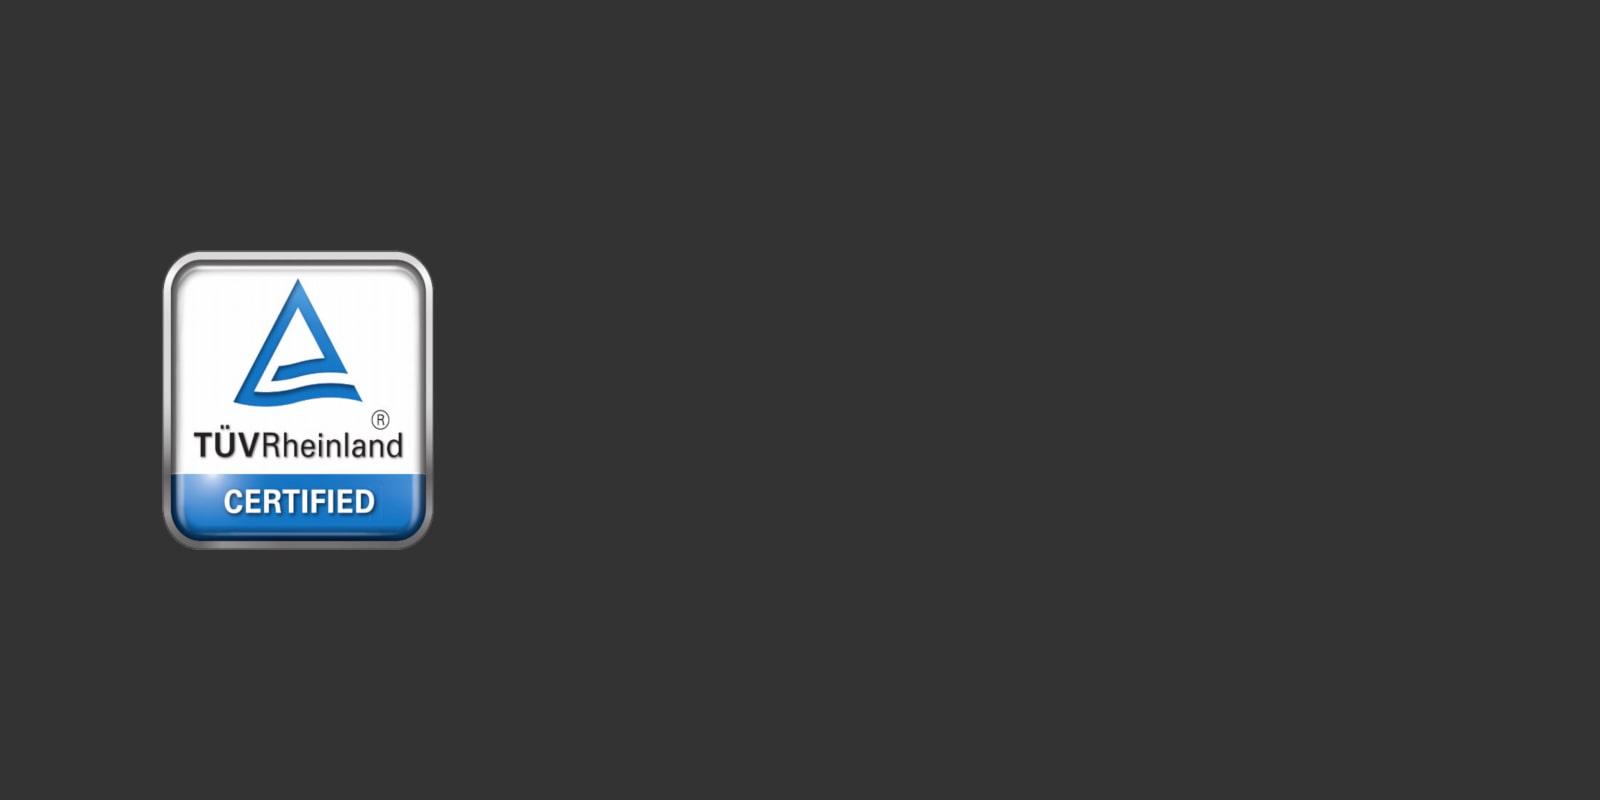 TUV-Rheinland-certificate-desktop-3